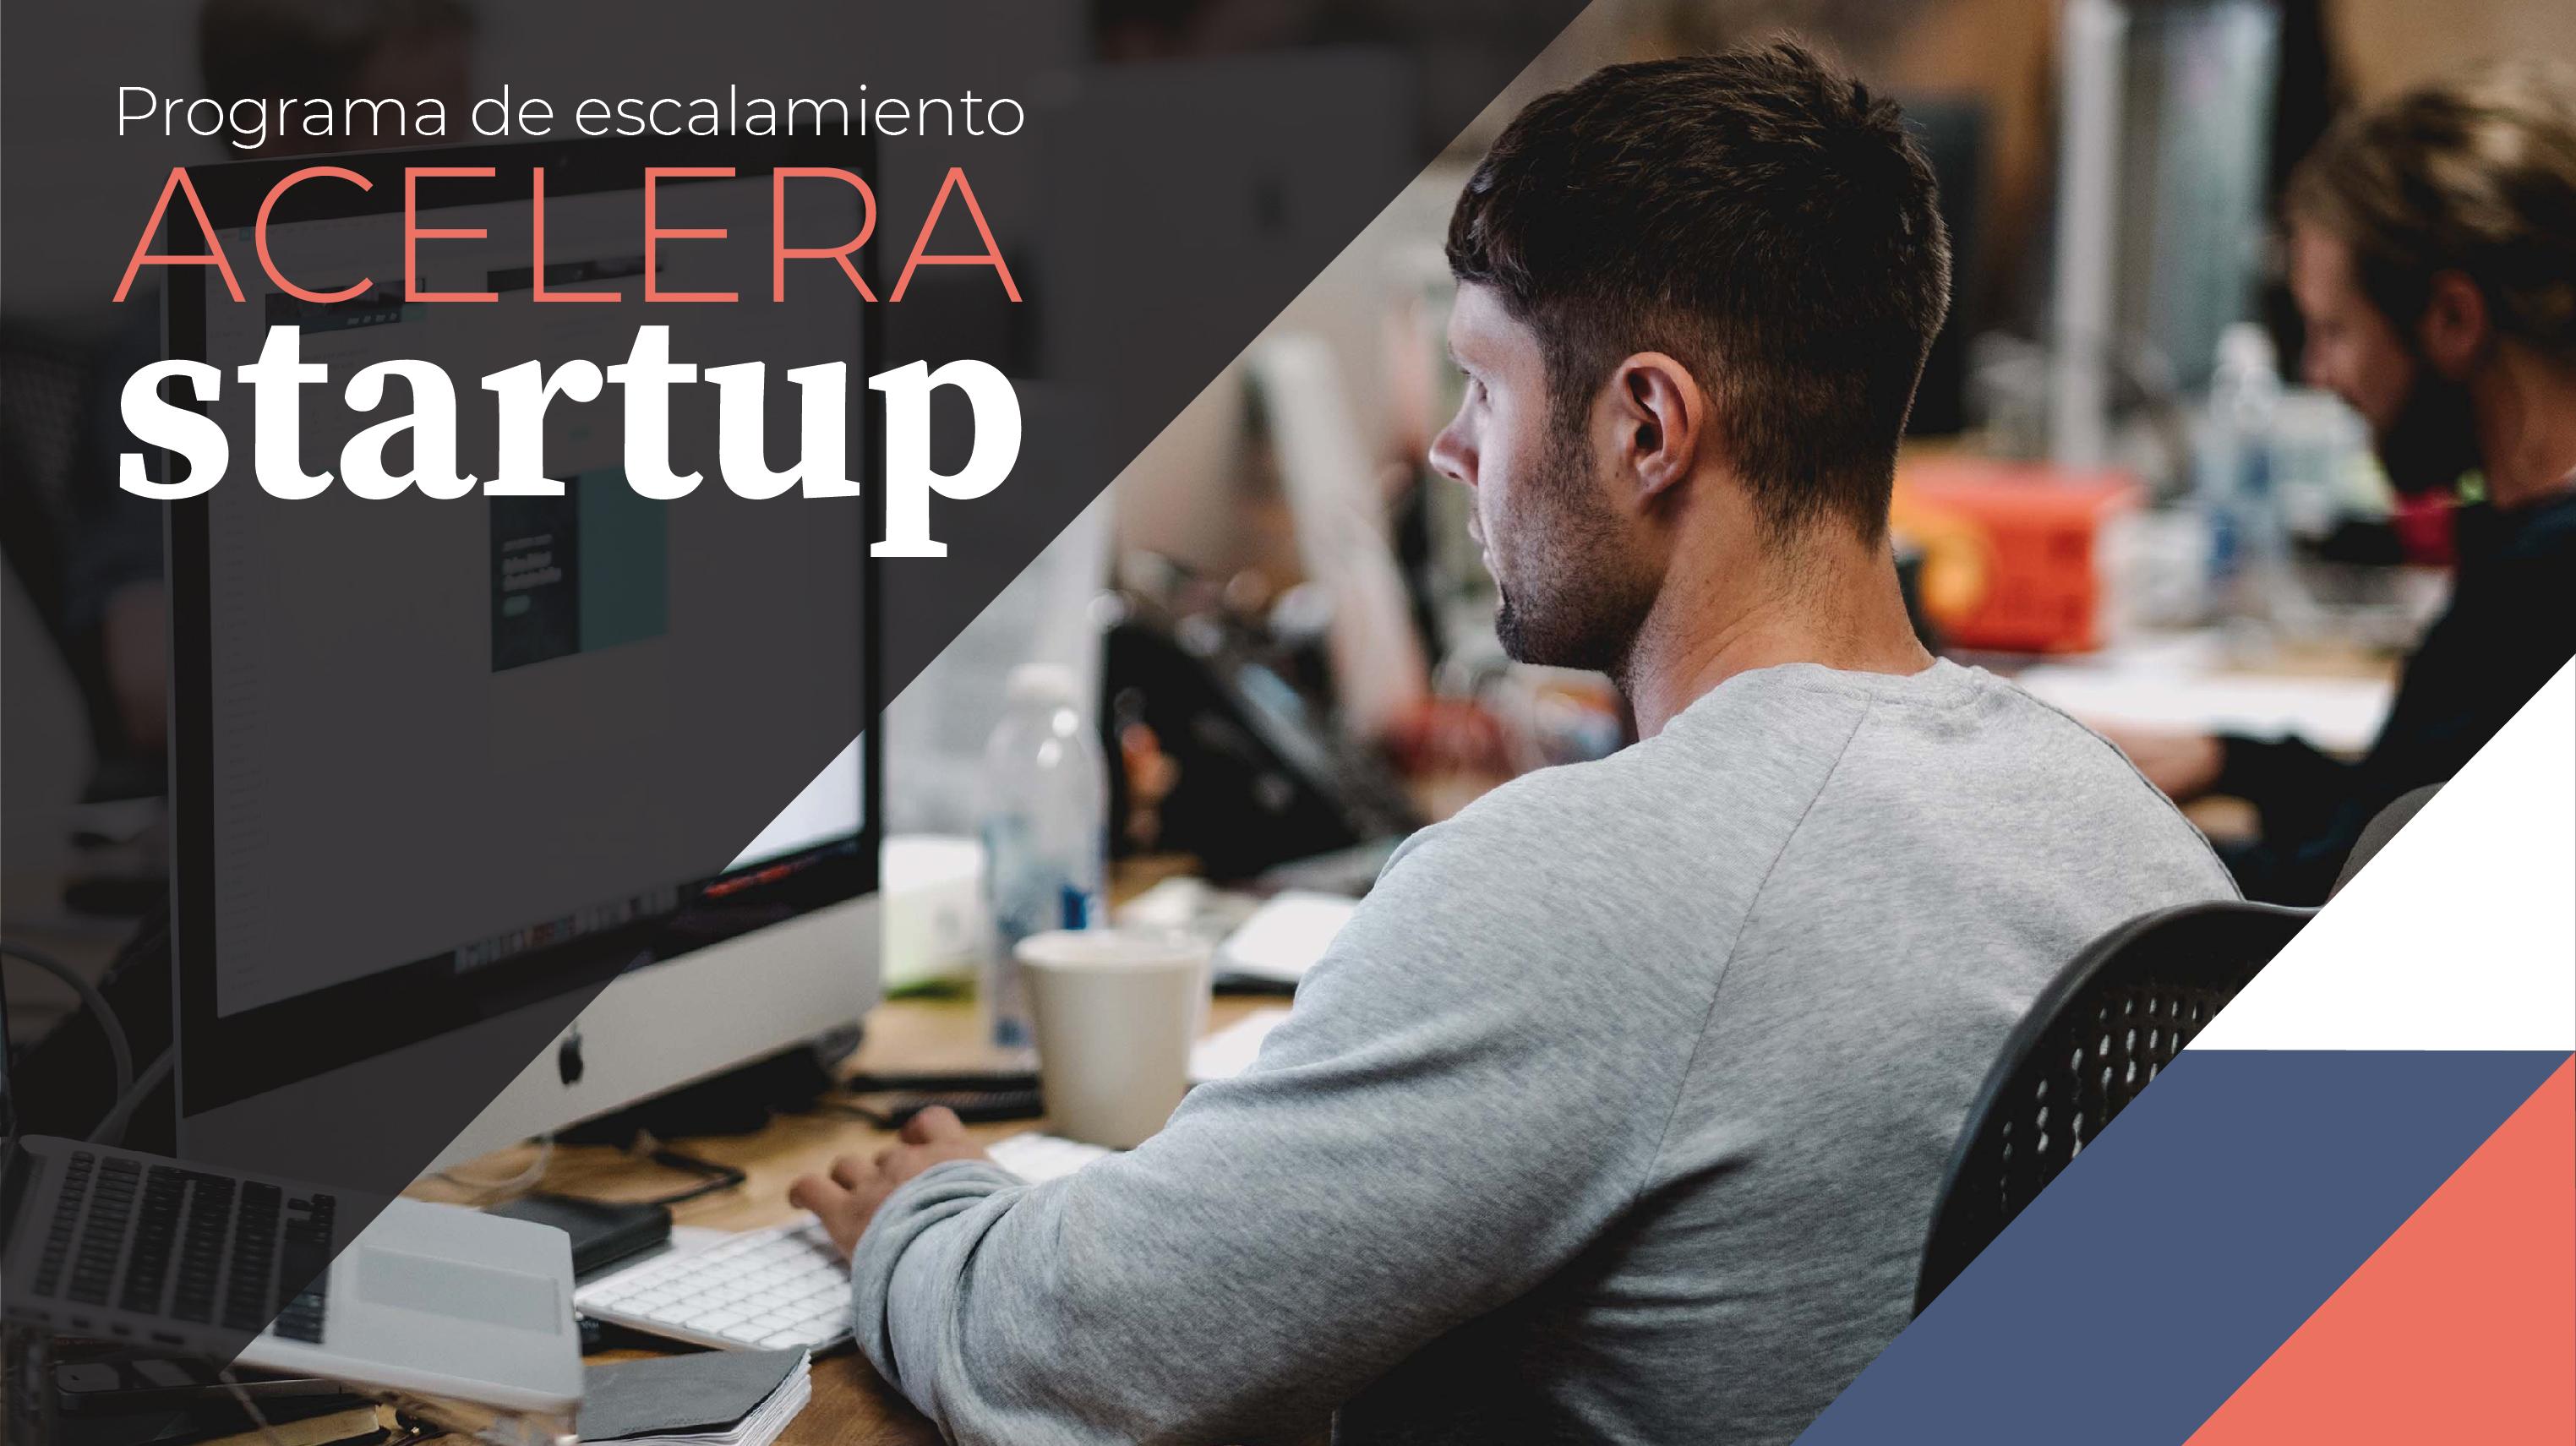 acelera startups blog-10-10-10